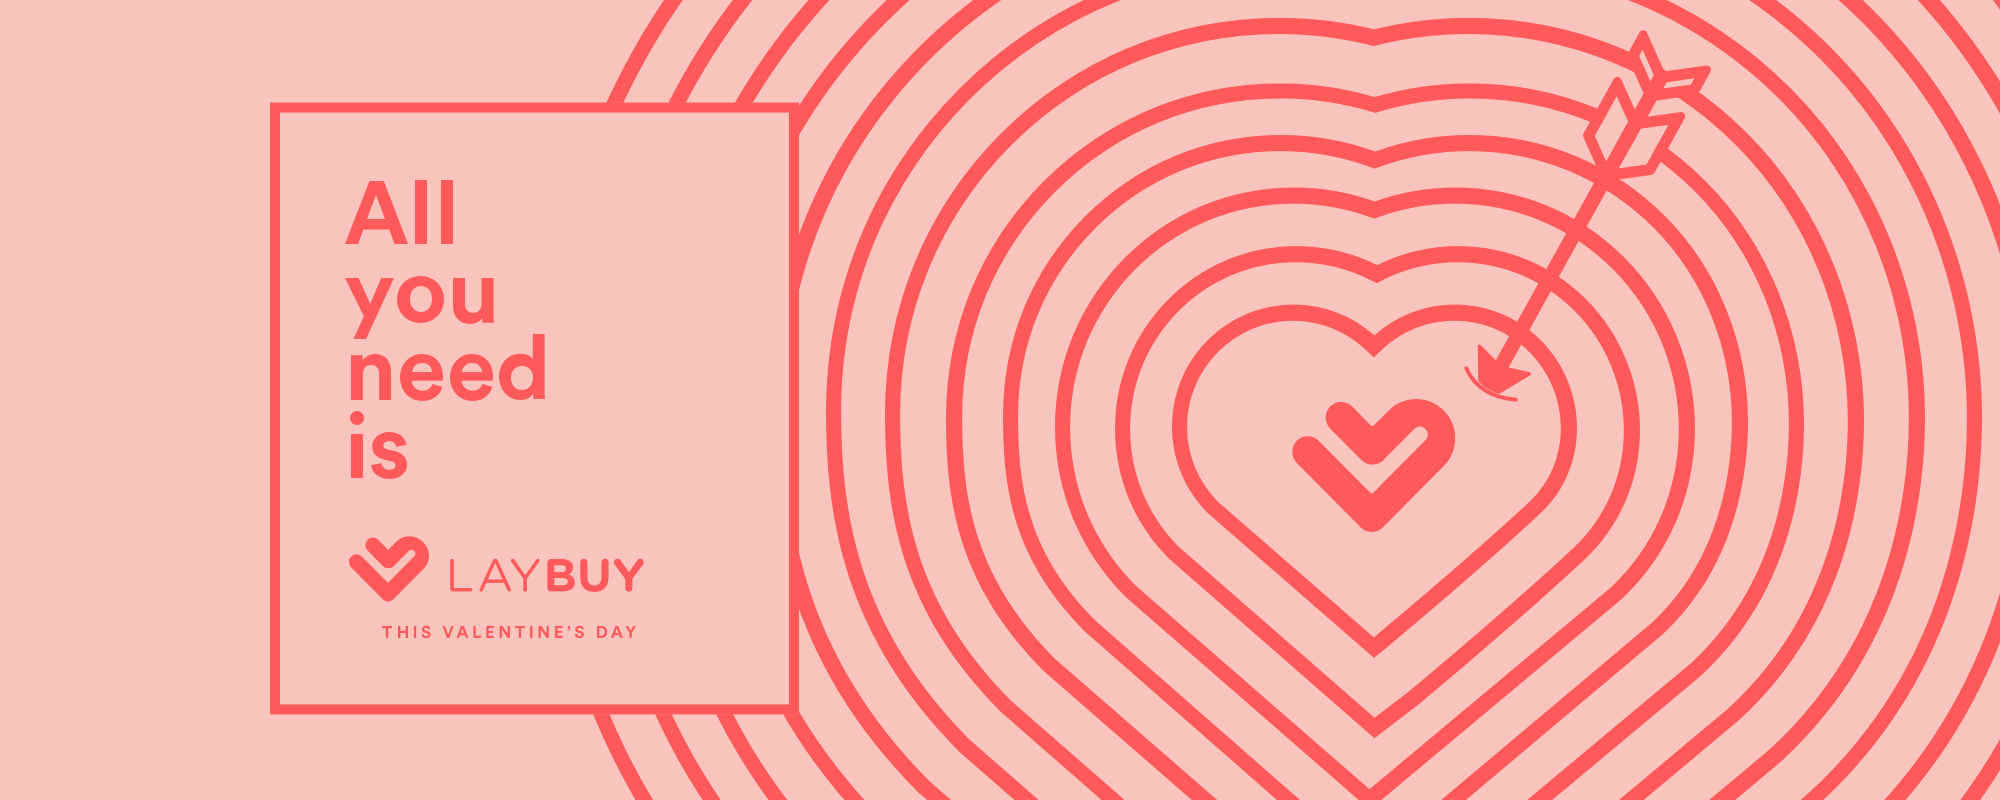 Valentines Day_NZ_Landing Page_Desktop